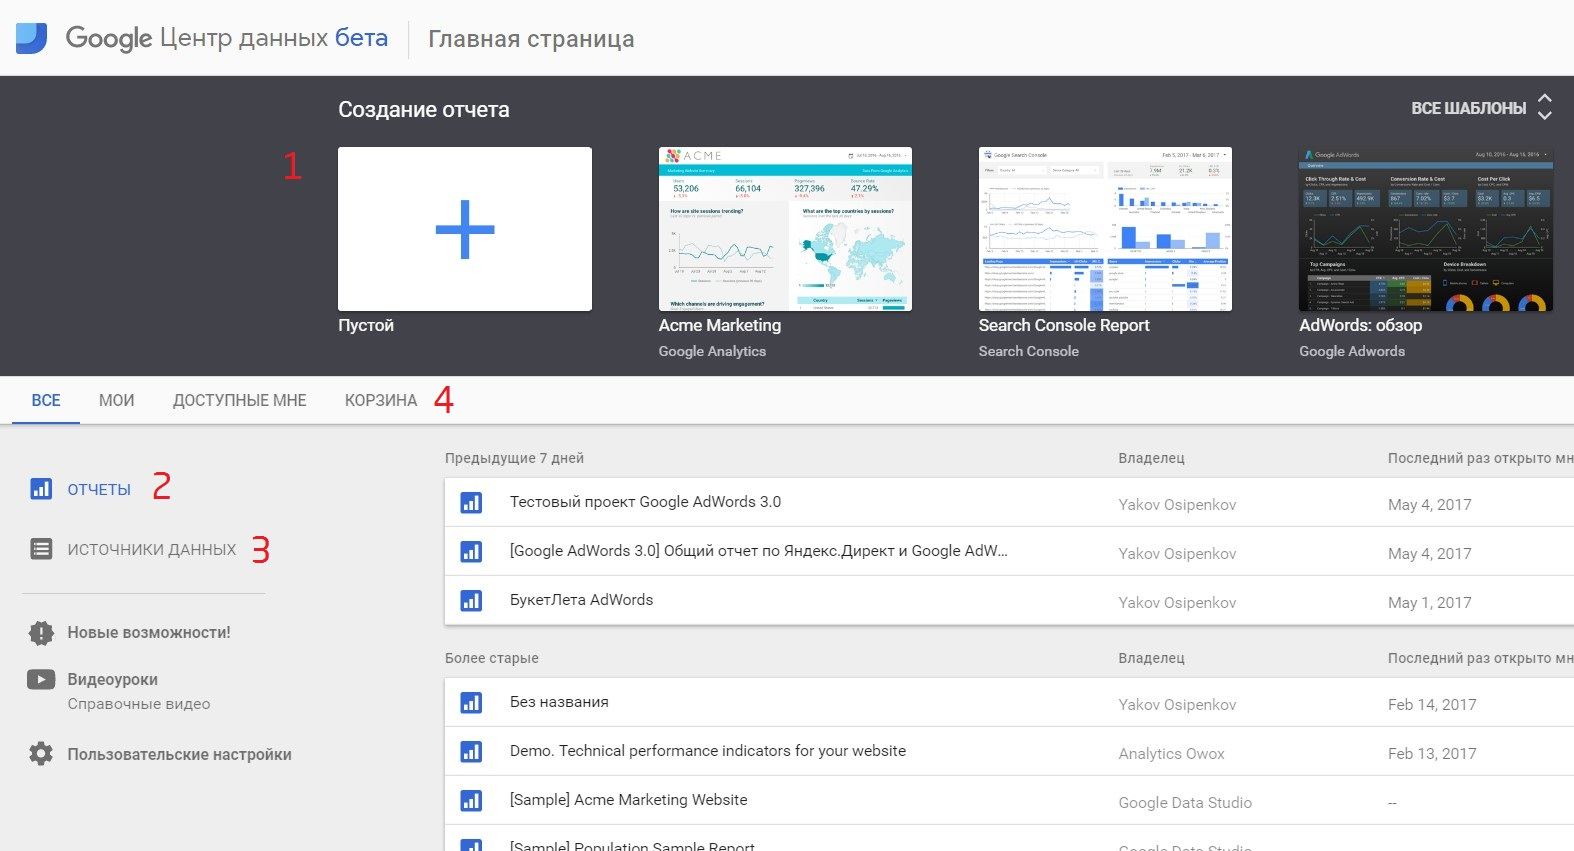 Первая страница Google Data Studio